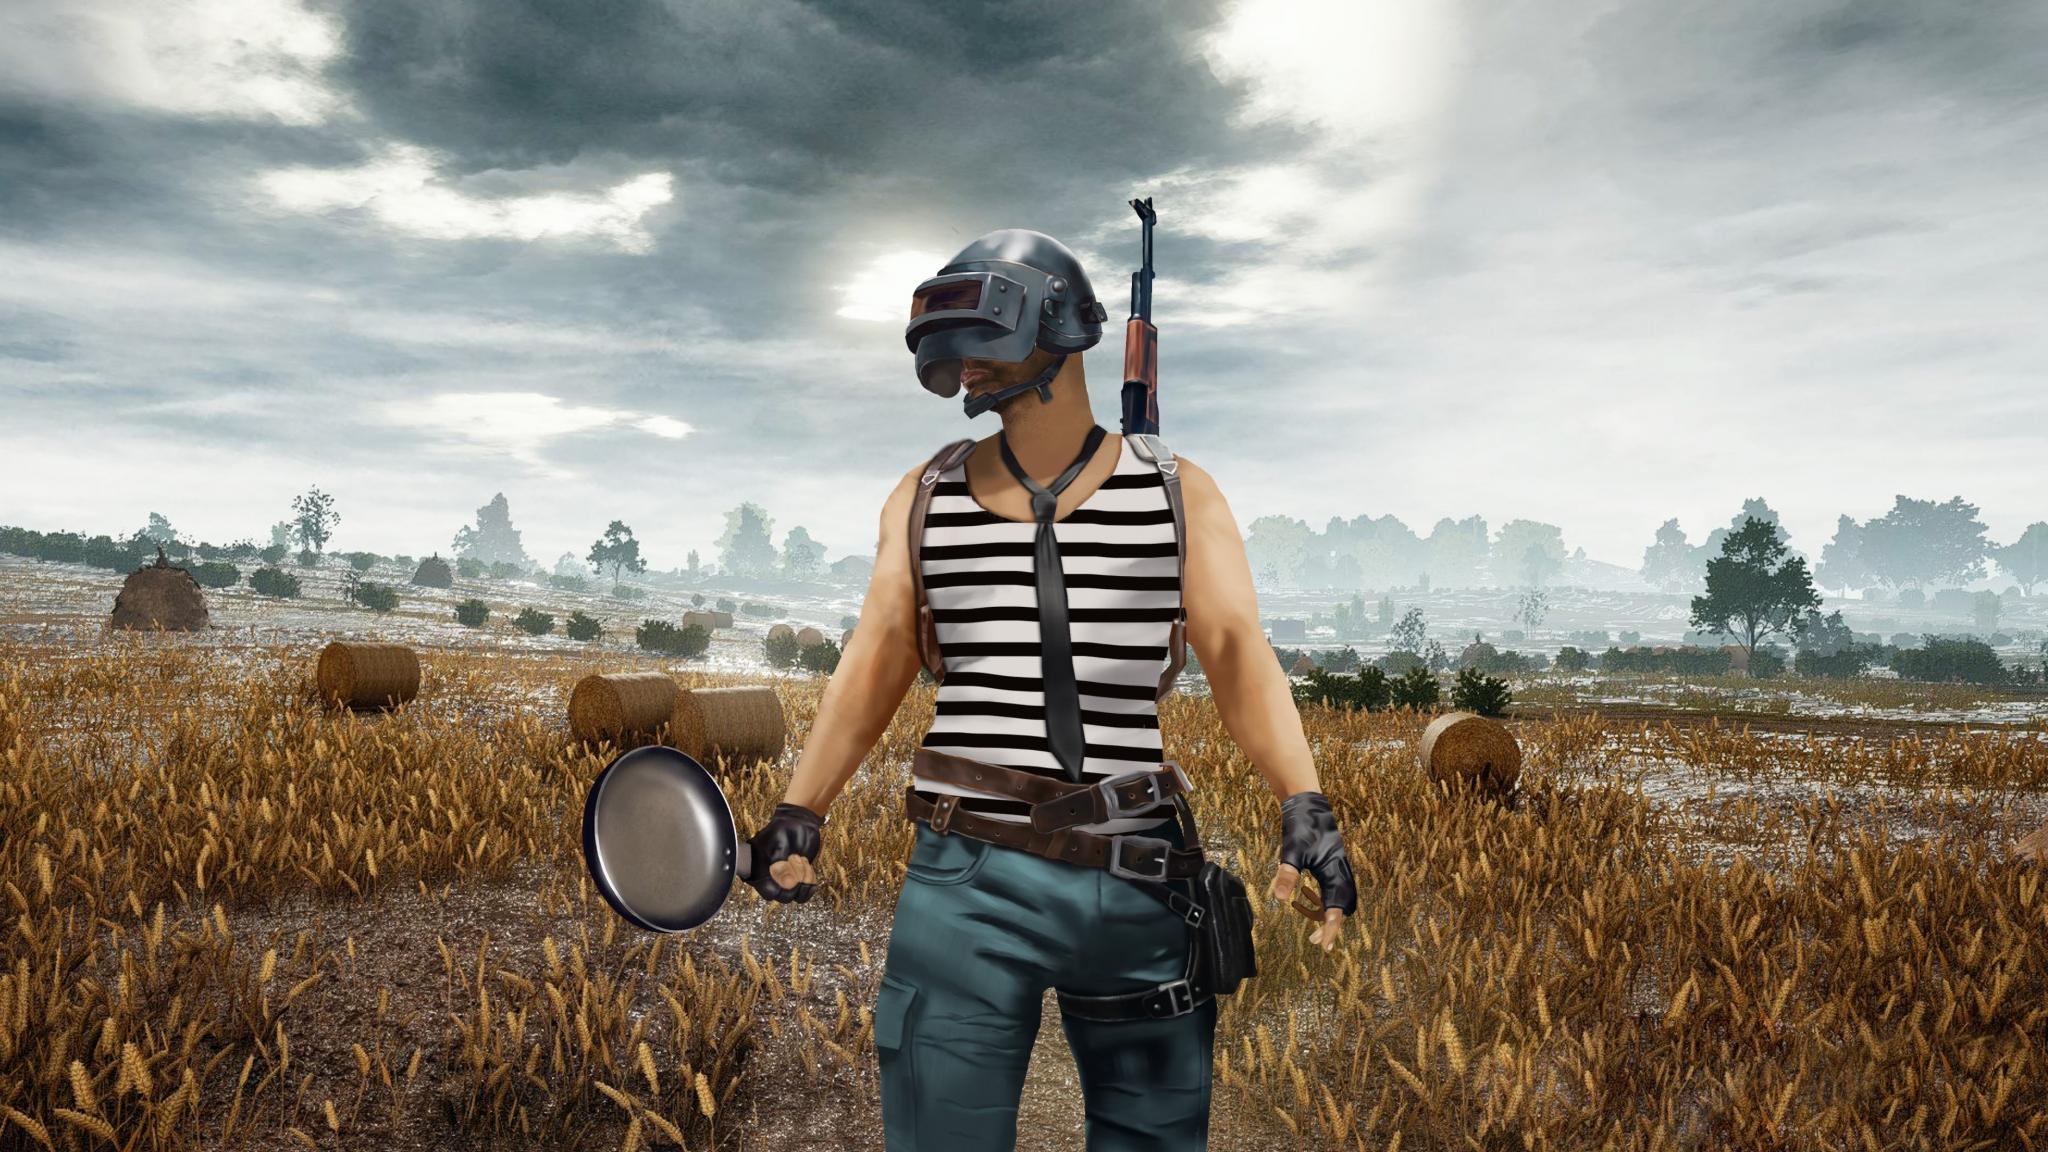 Download 2048x1152 Wallpaper Pubg Helmet Guy The Pan